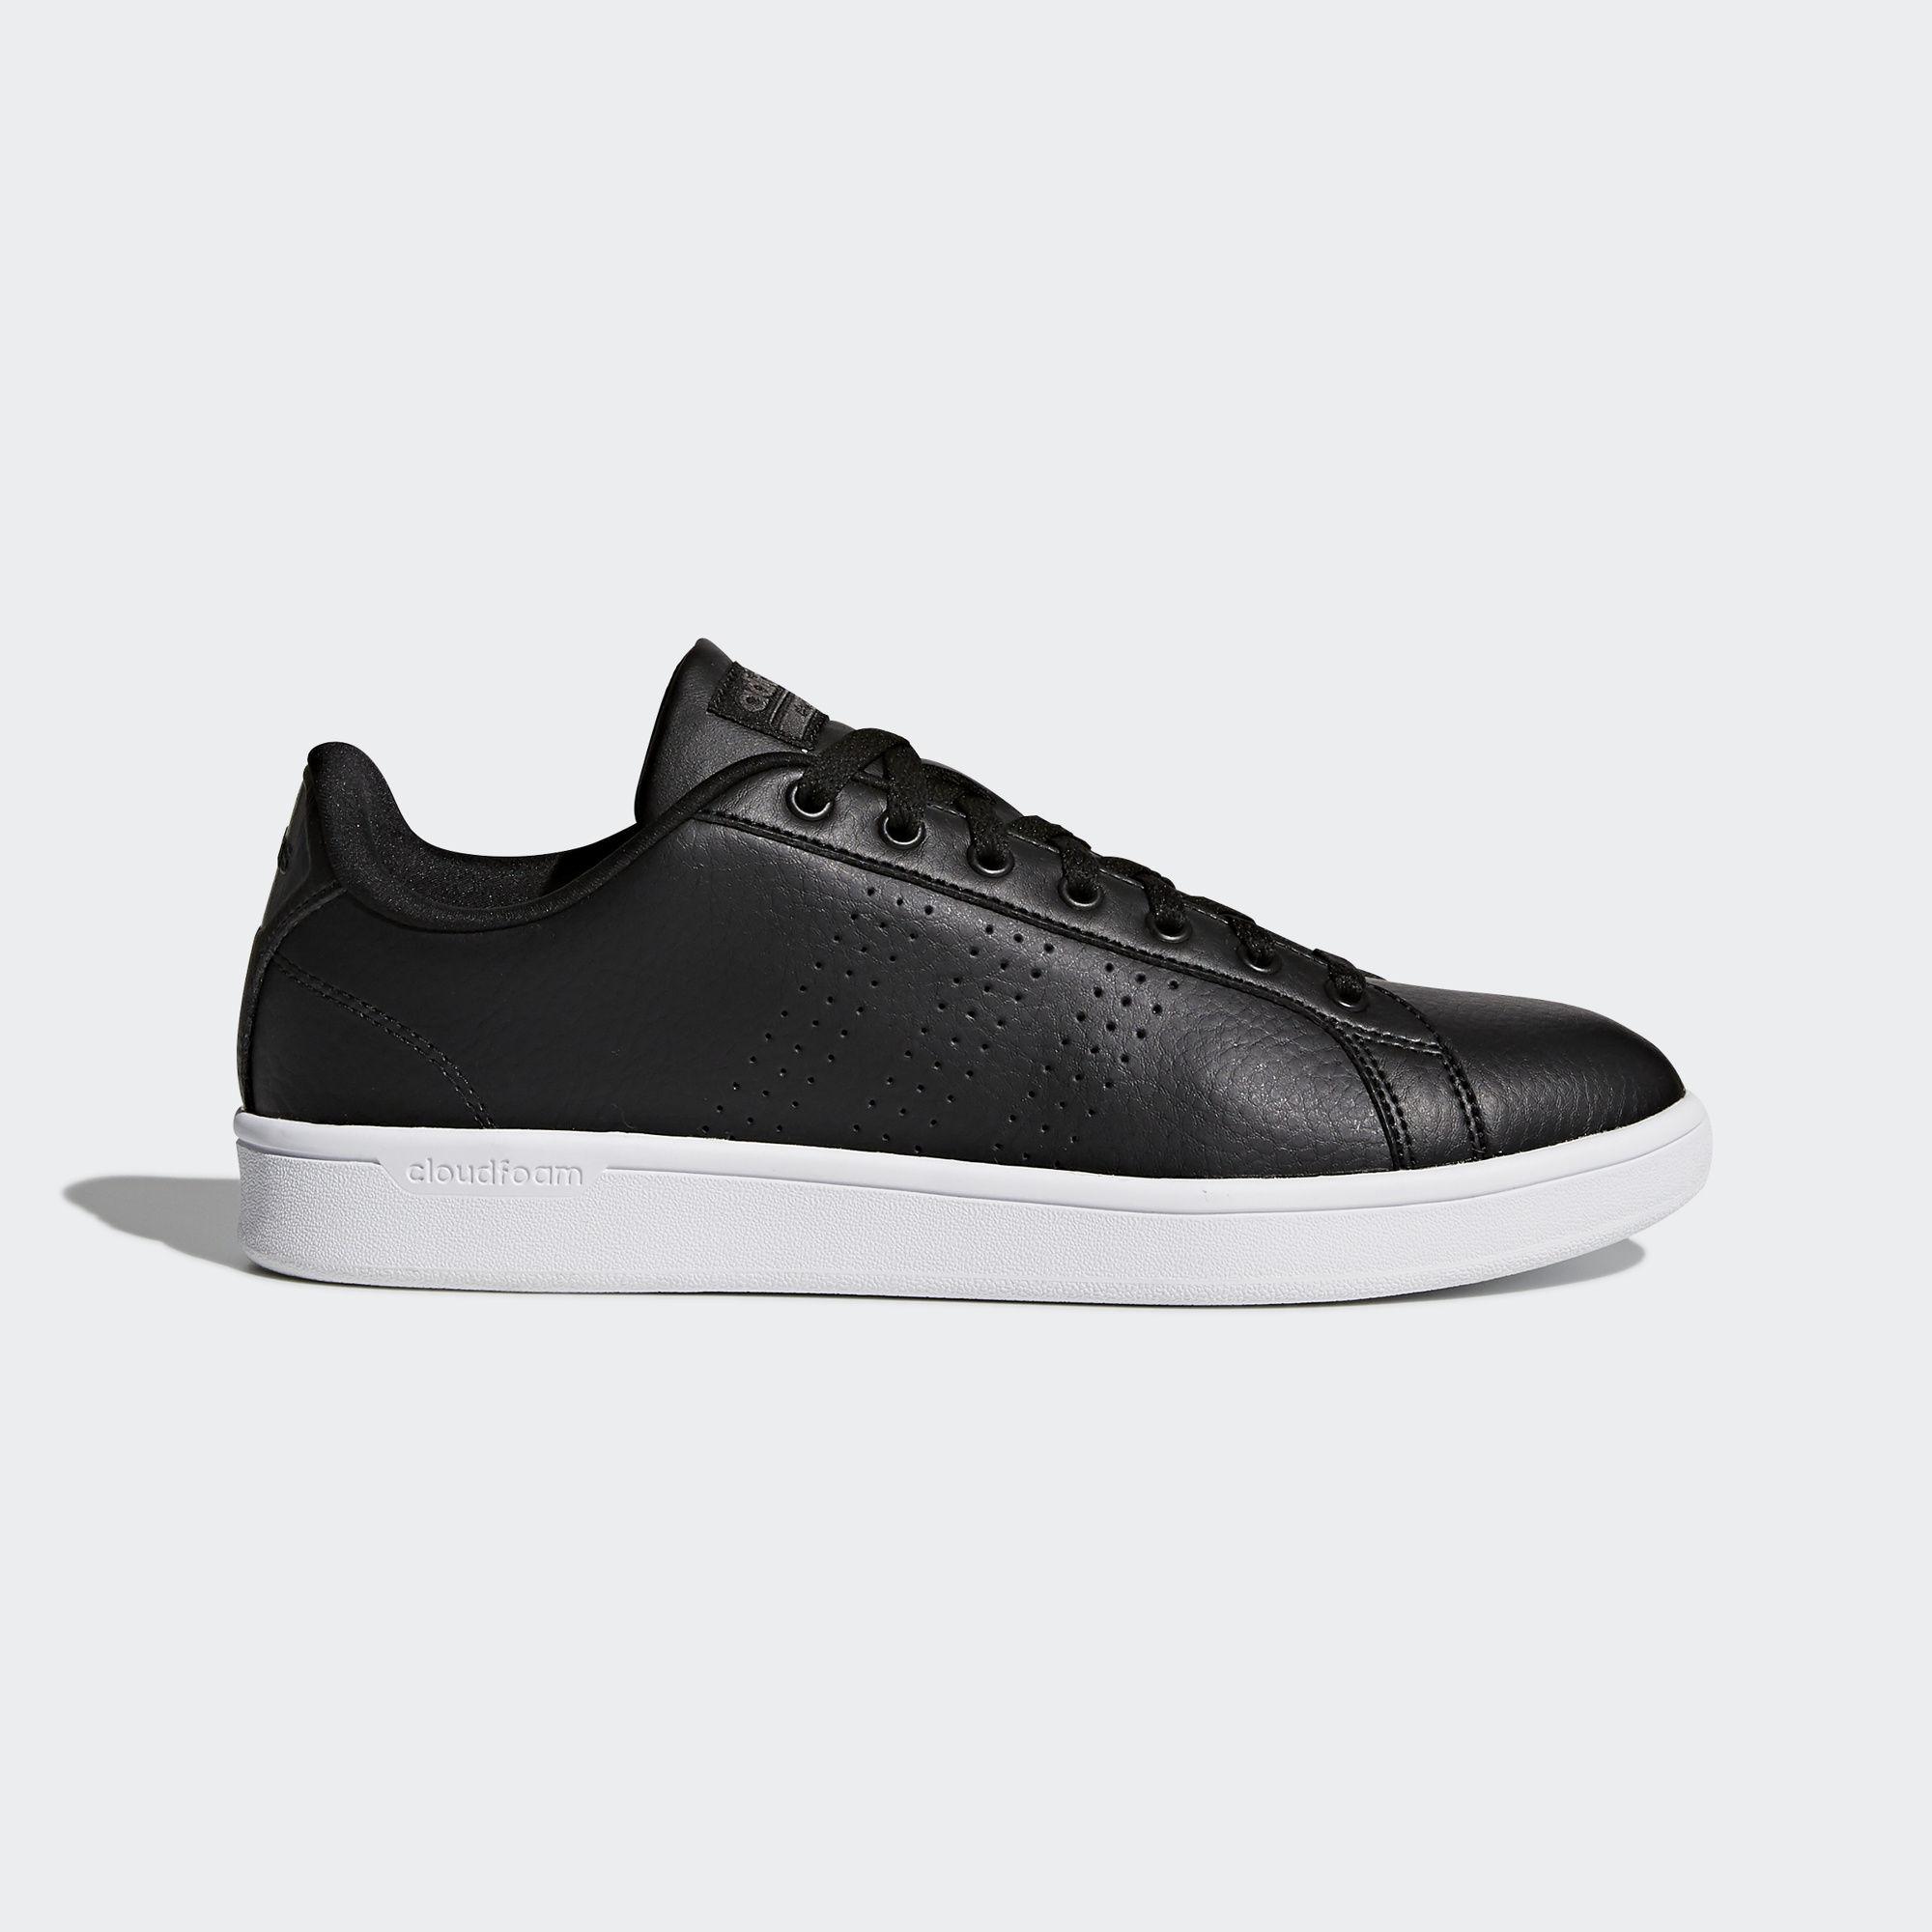 adidas Cloudfoam Advantage Clean Shoes Men's $15.89 (Size 13 ONLY)